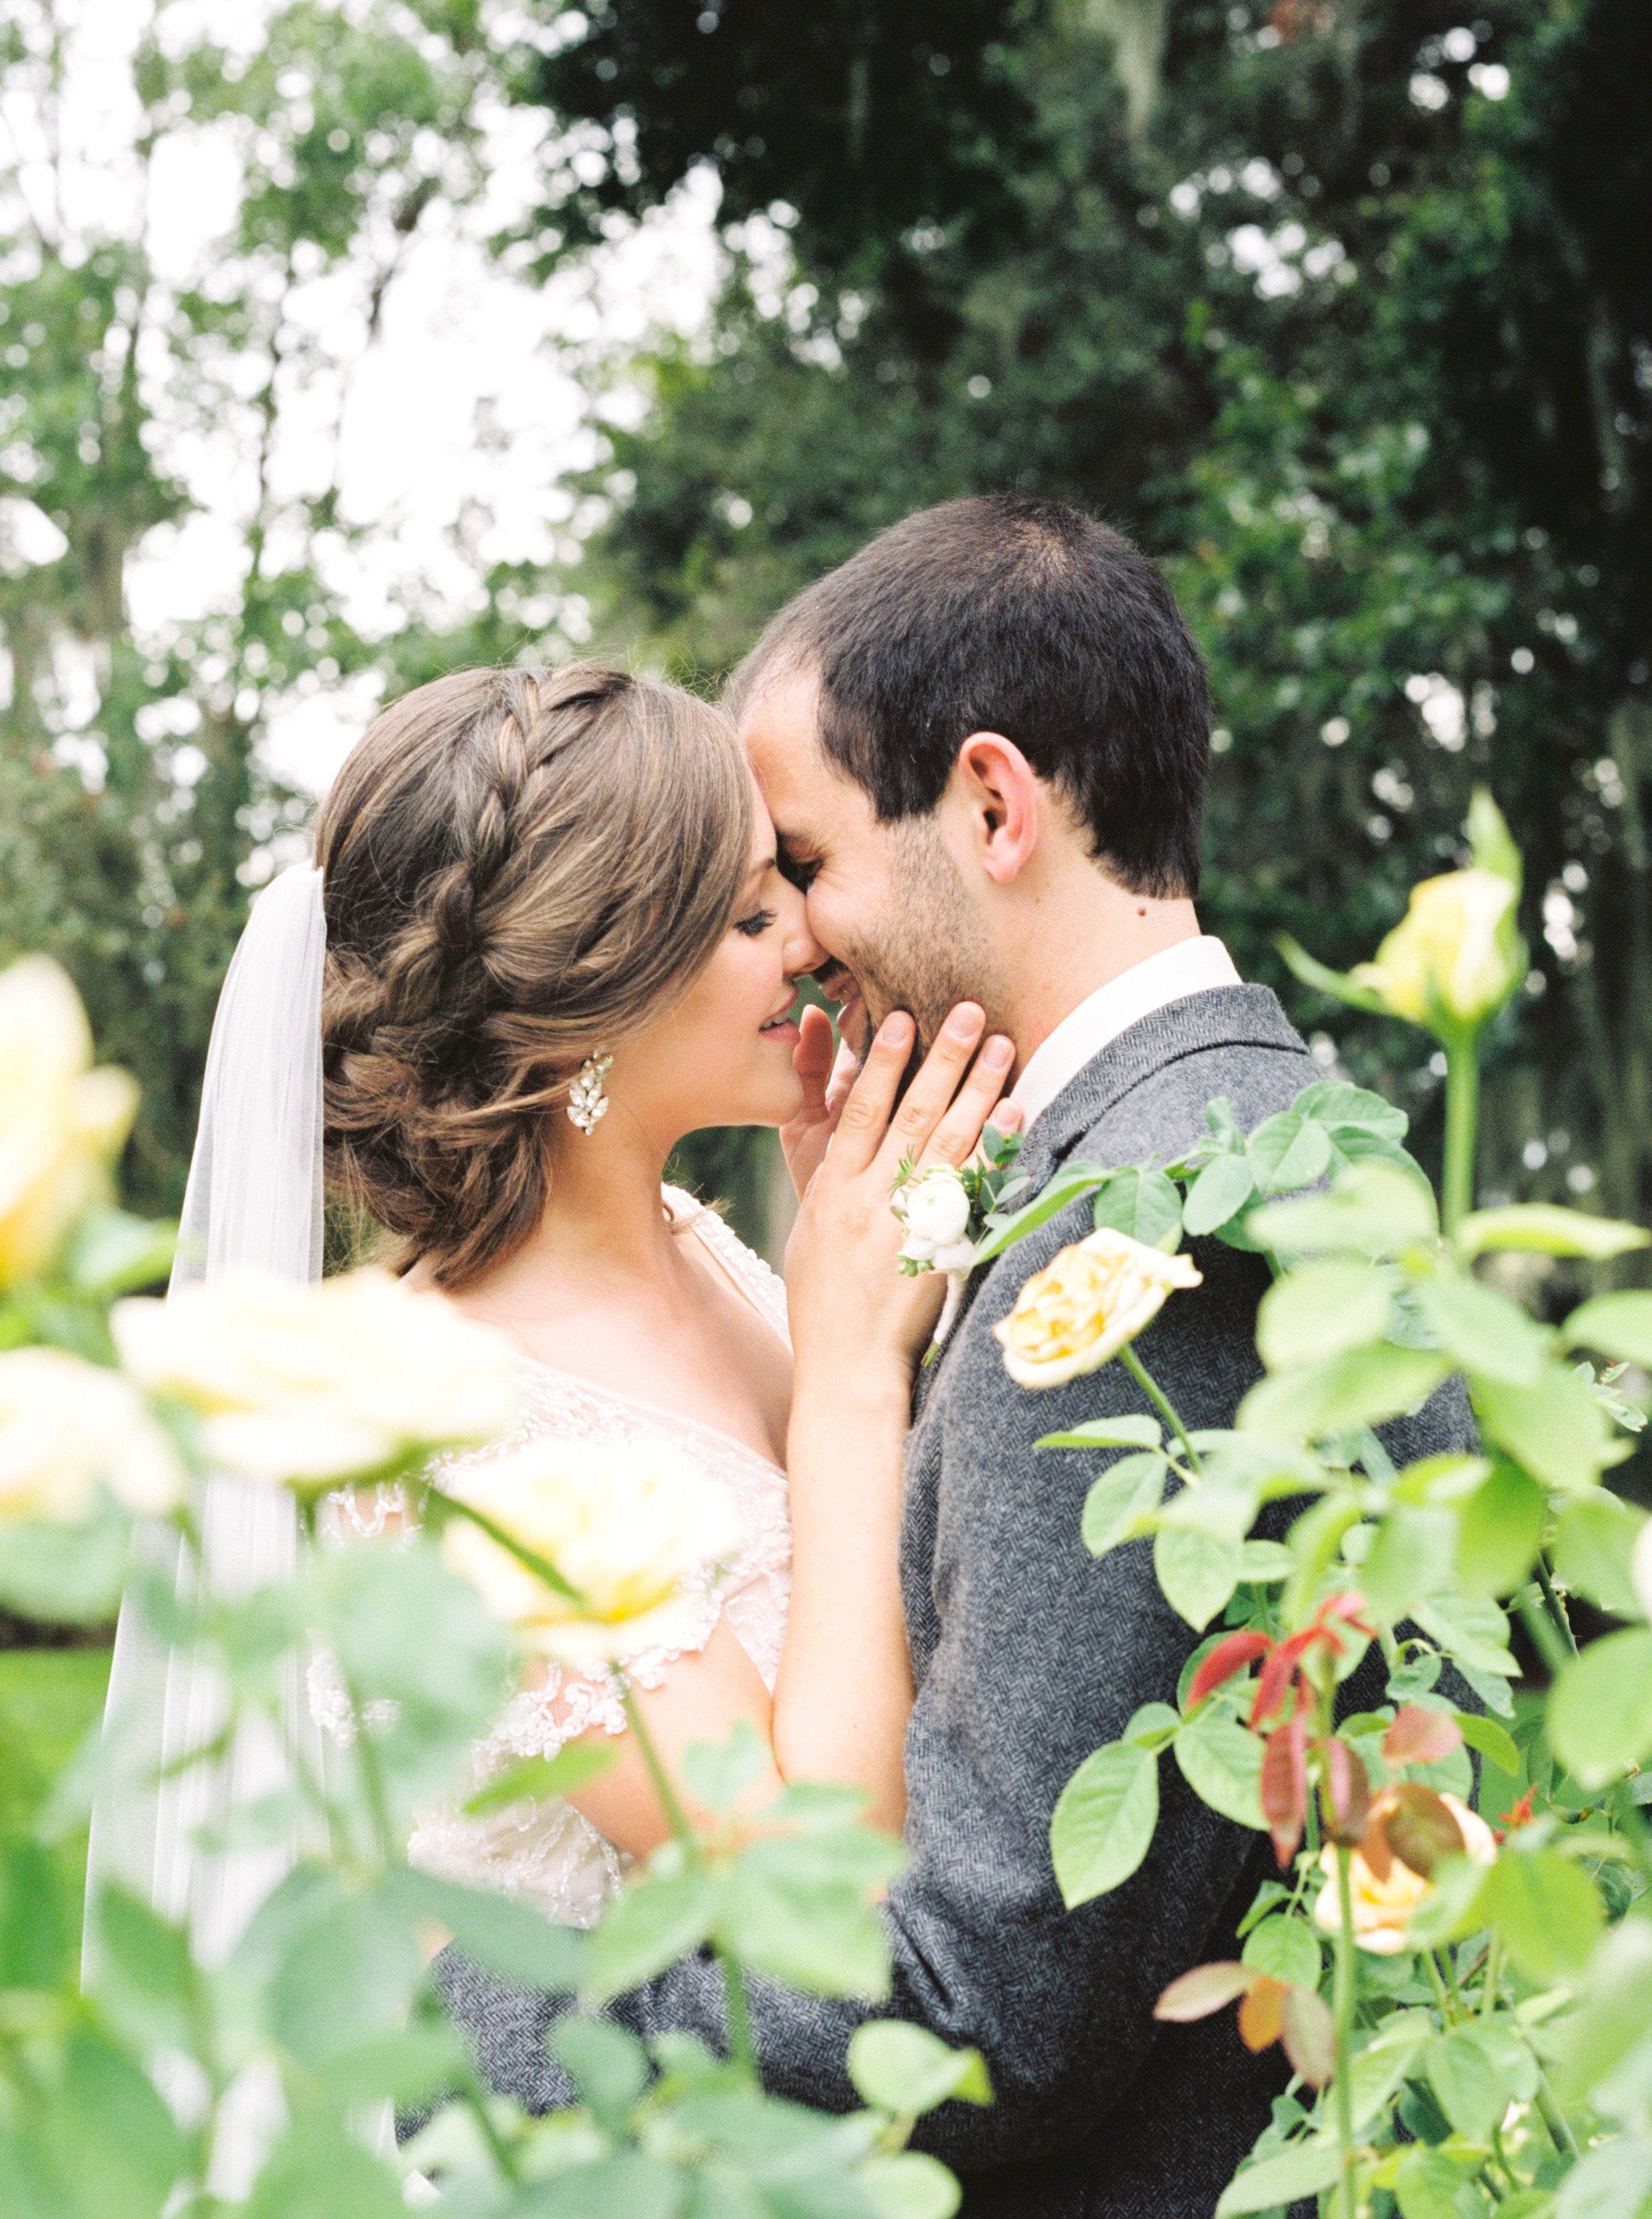 cypress grove estate house, orlando florida wedding photo shoot, bride and groom in rose garden